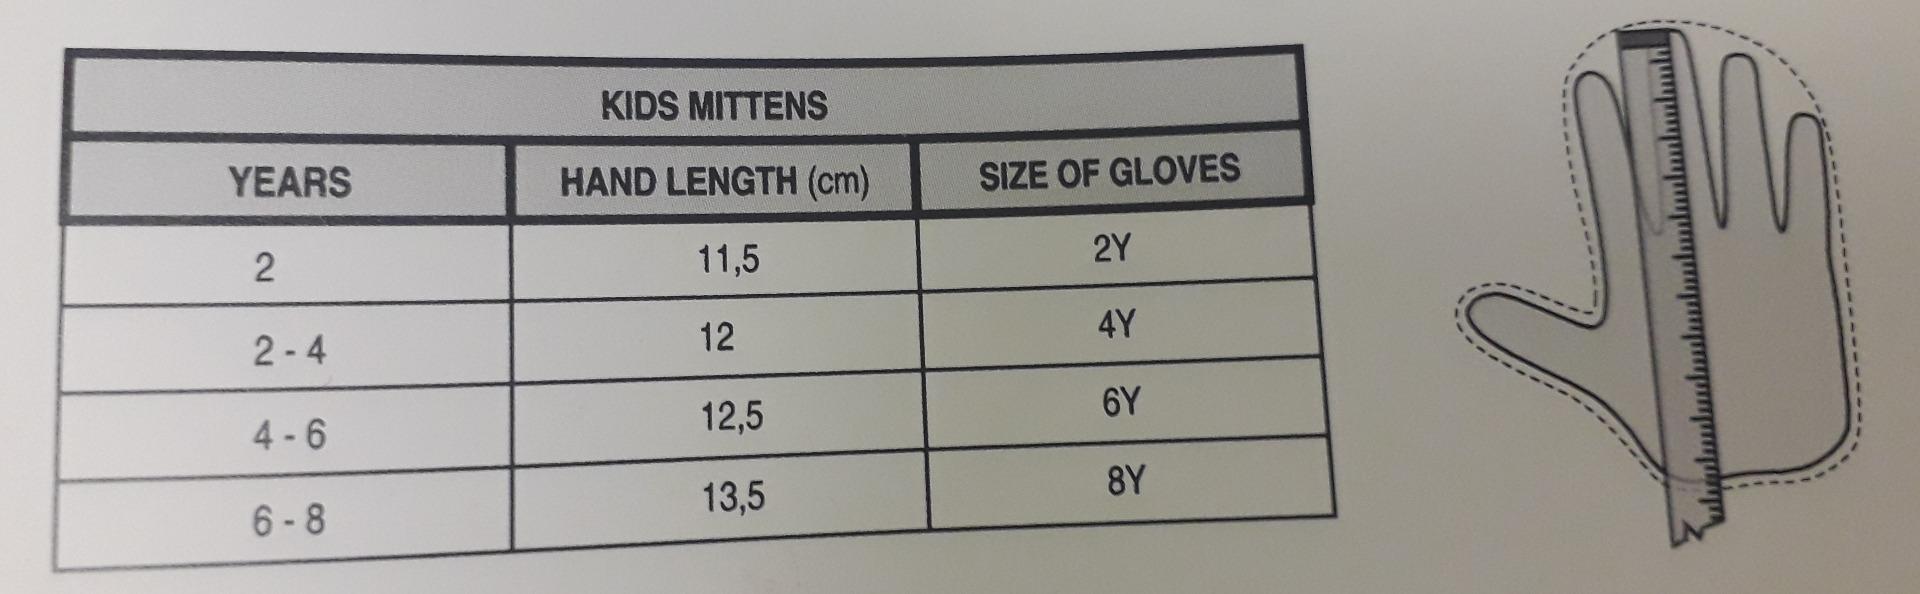 Relax Kids Mitten Size Chart